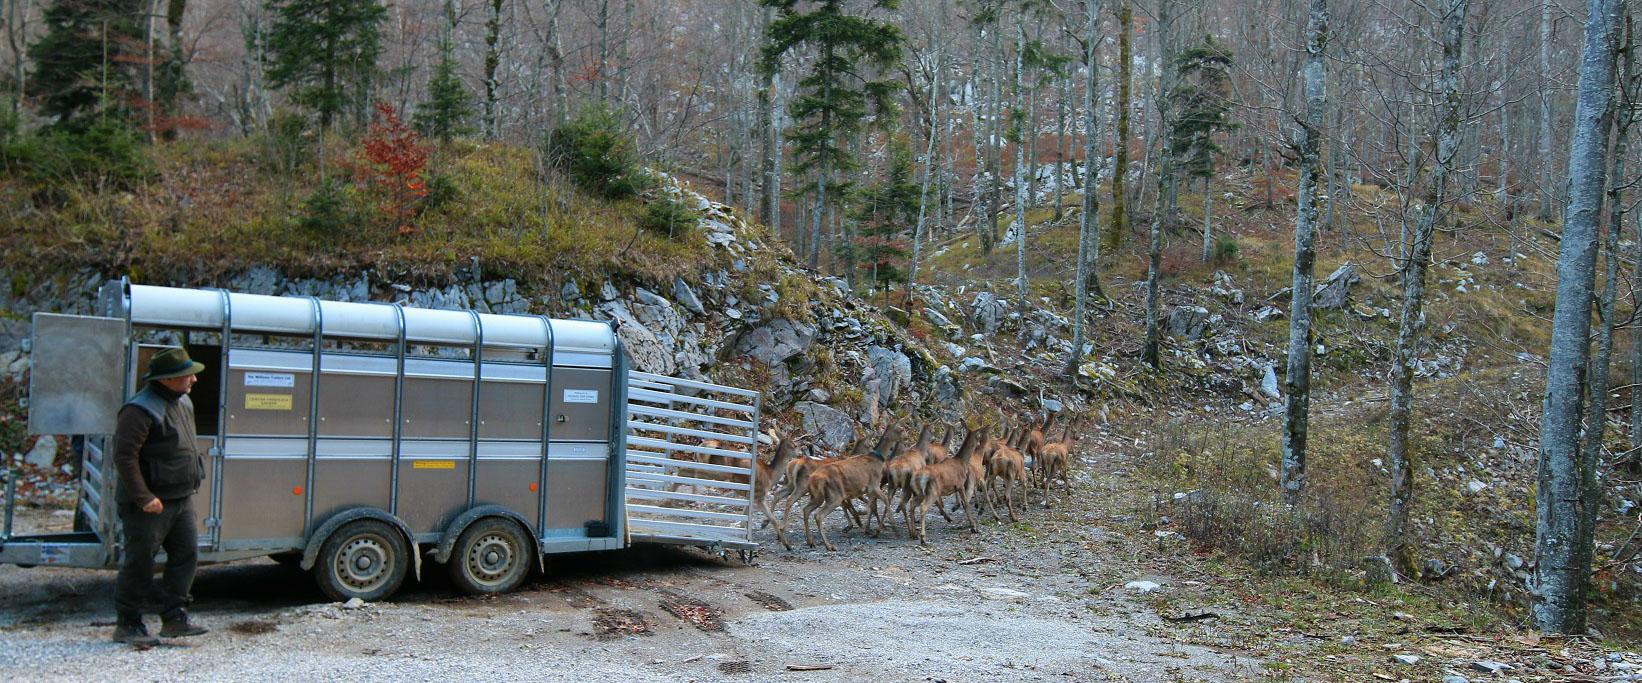 Davor Krmpotic, Rewilding Velebit team leader, releases 36 red deer into the Velebit Wildlife Reserve.